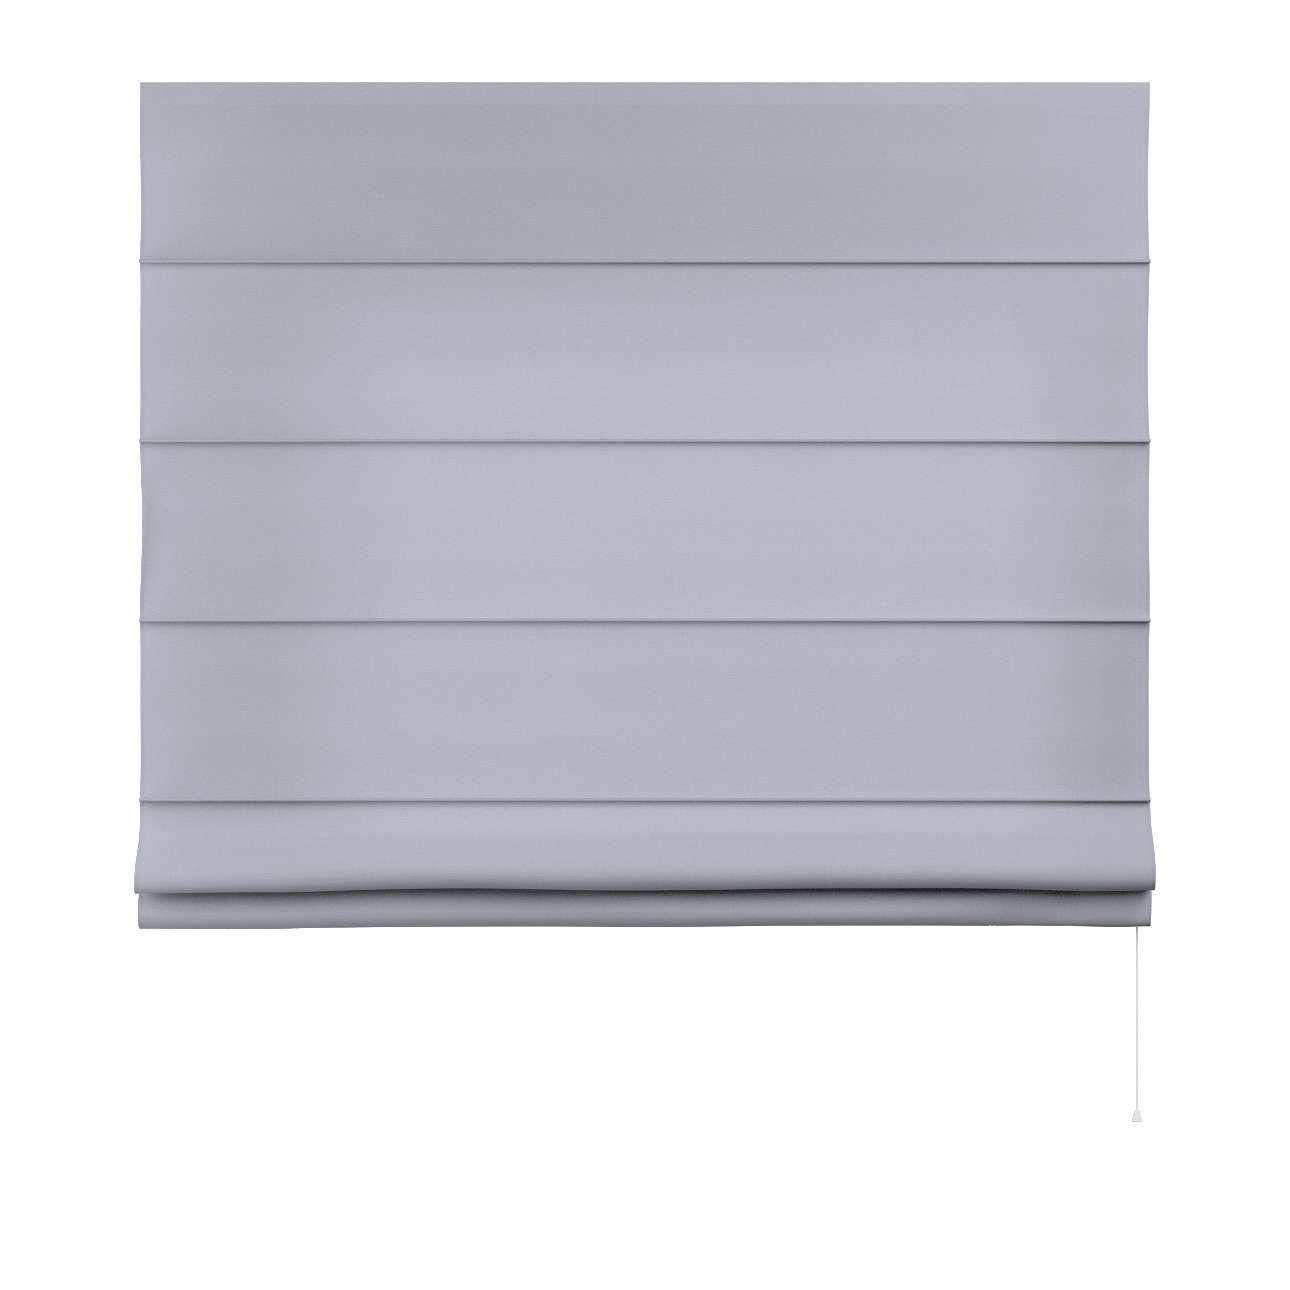 Romanetės Capri 80 x 170 cm (plotis x ilgis) kolekcijoje Jupiter, audinys: 127-92